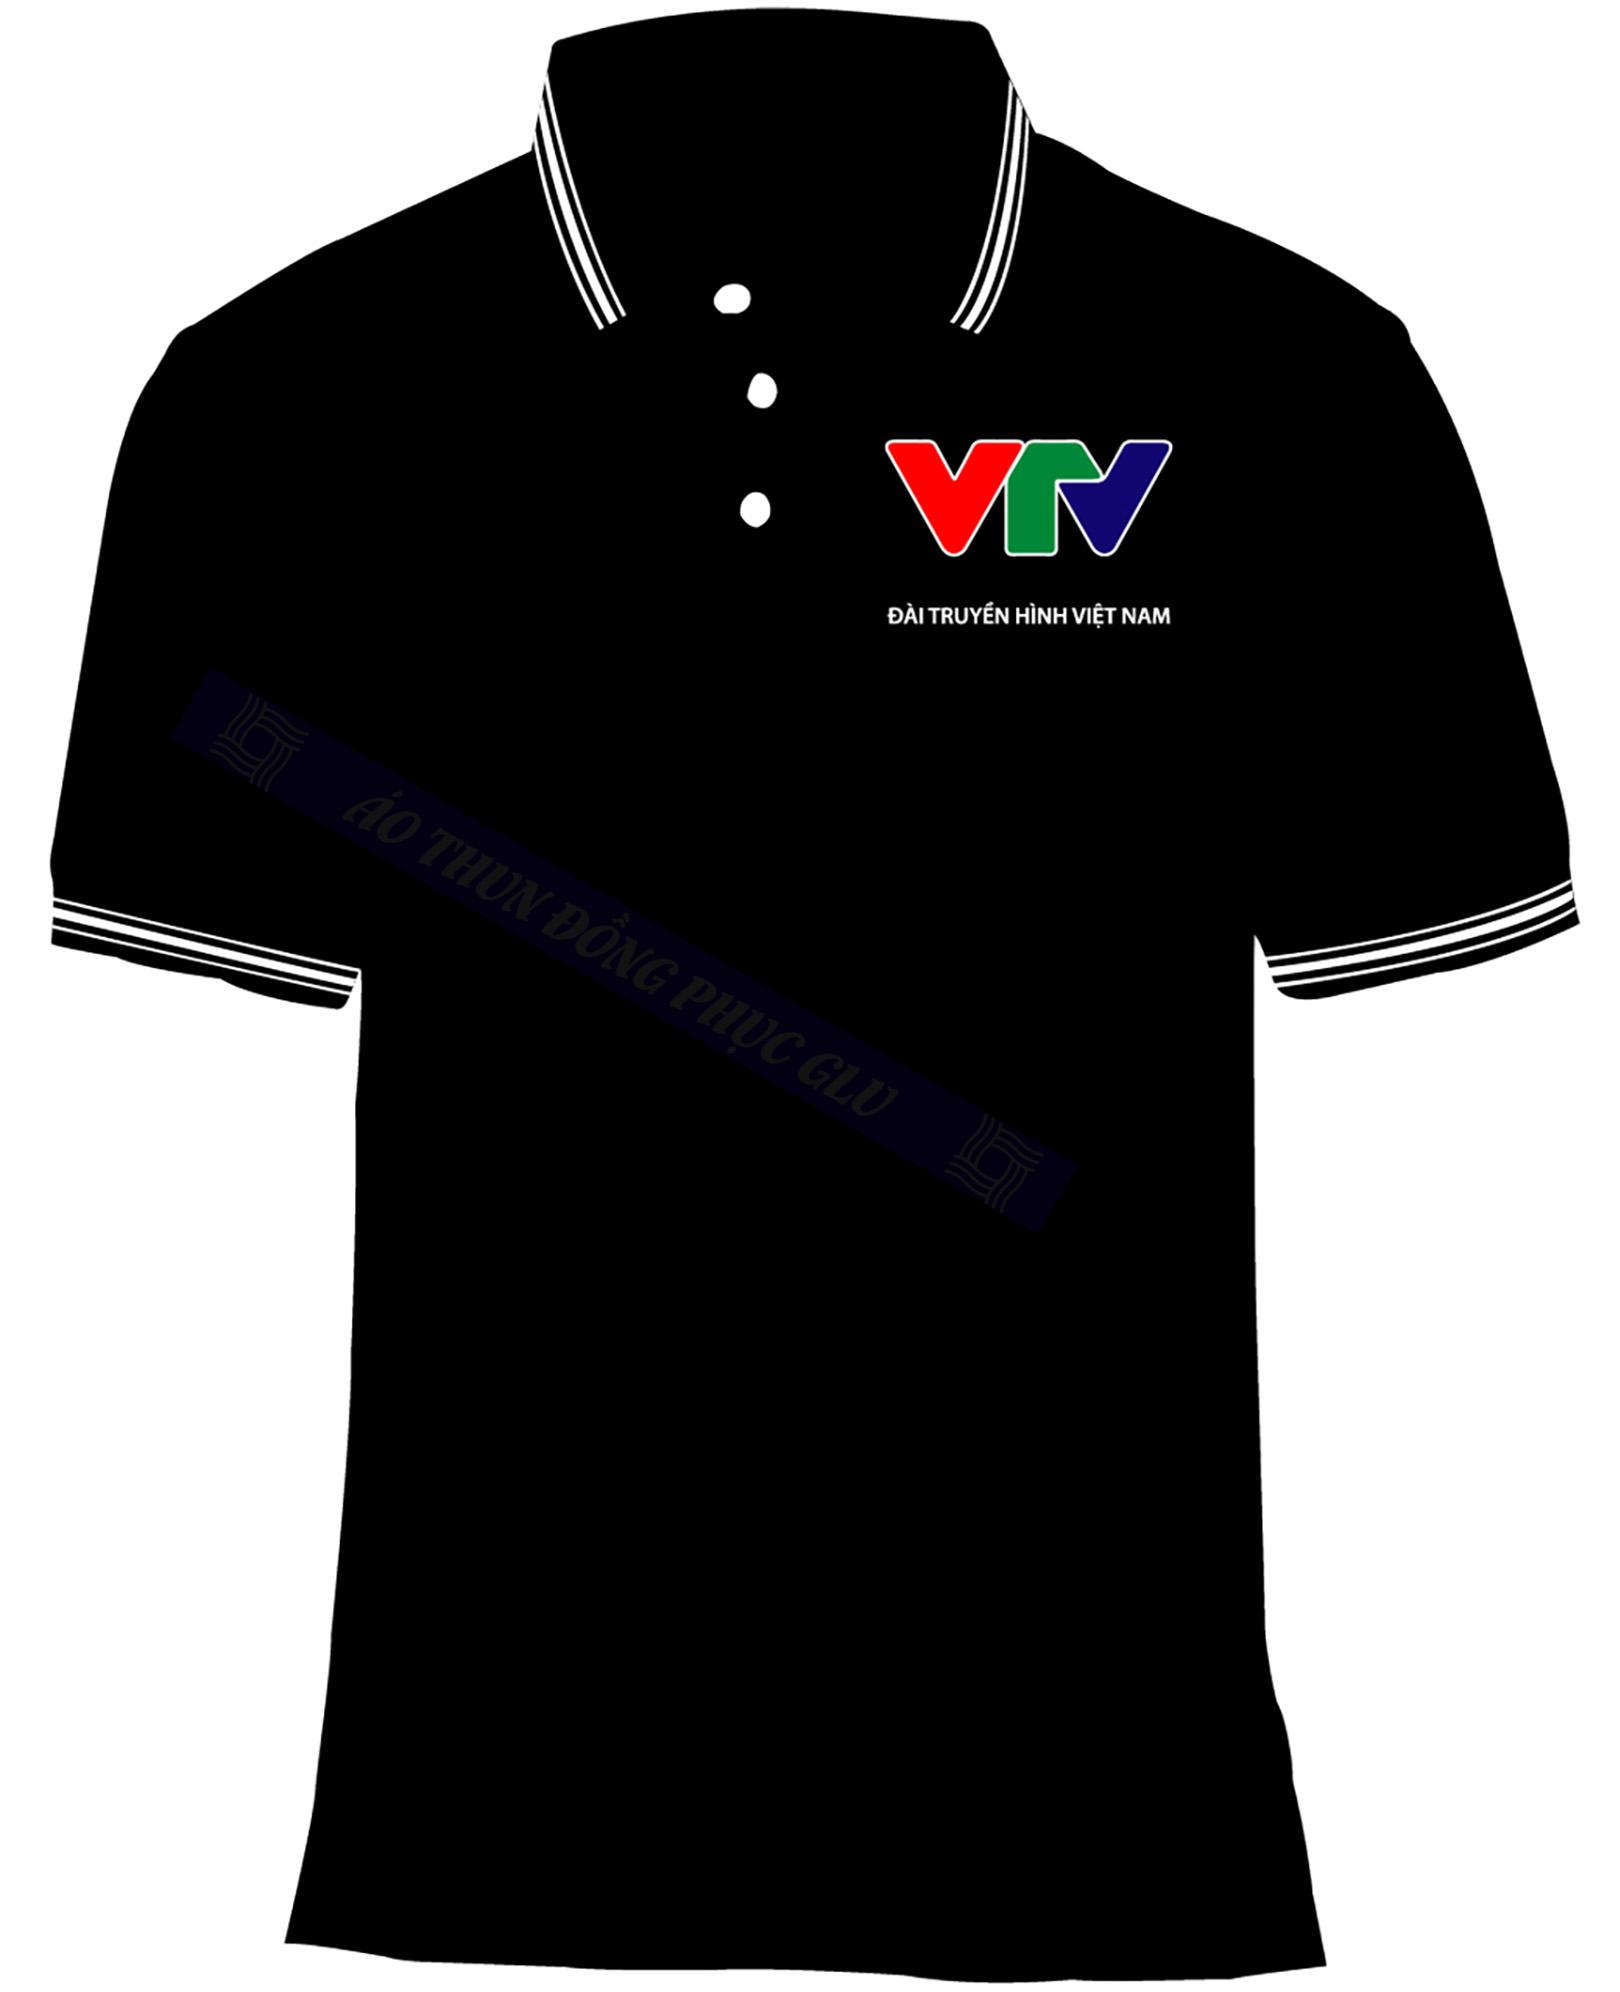 AO THUN VTV AT458 áo thun đồng phục có cổ